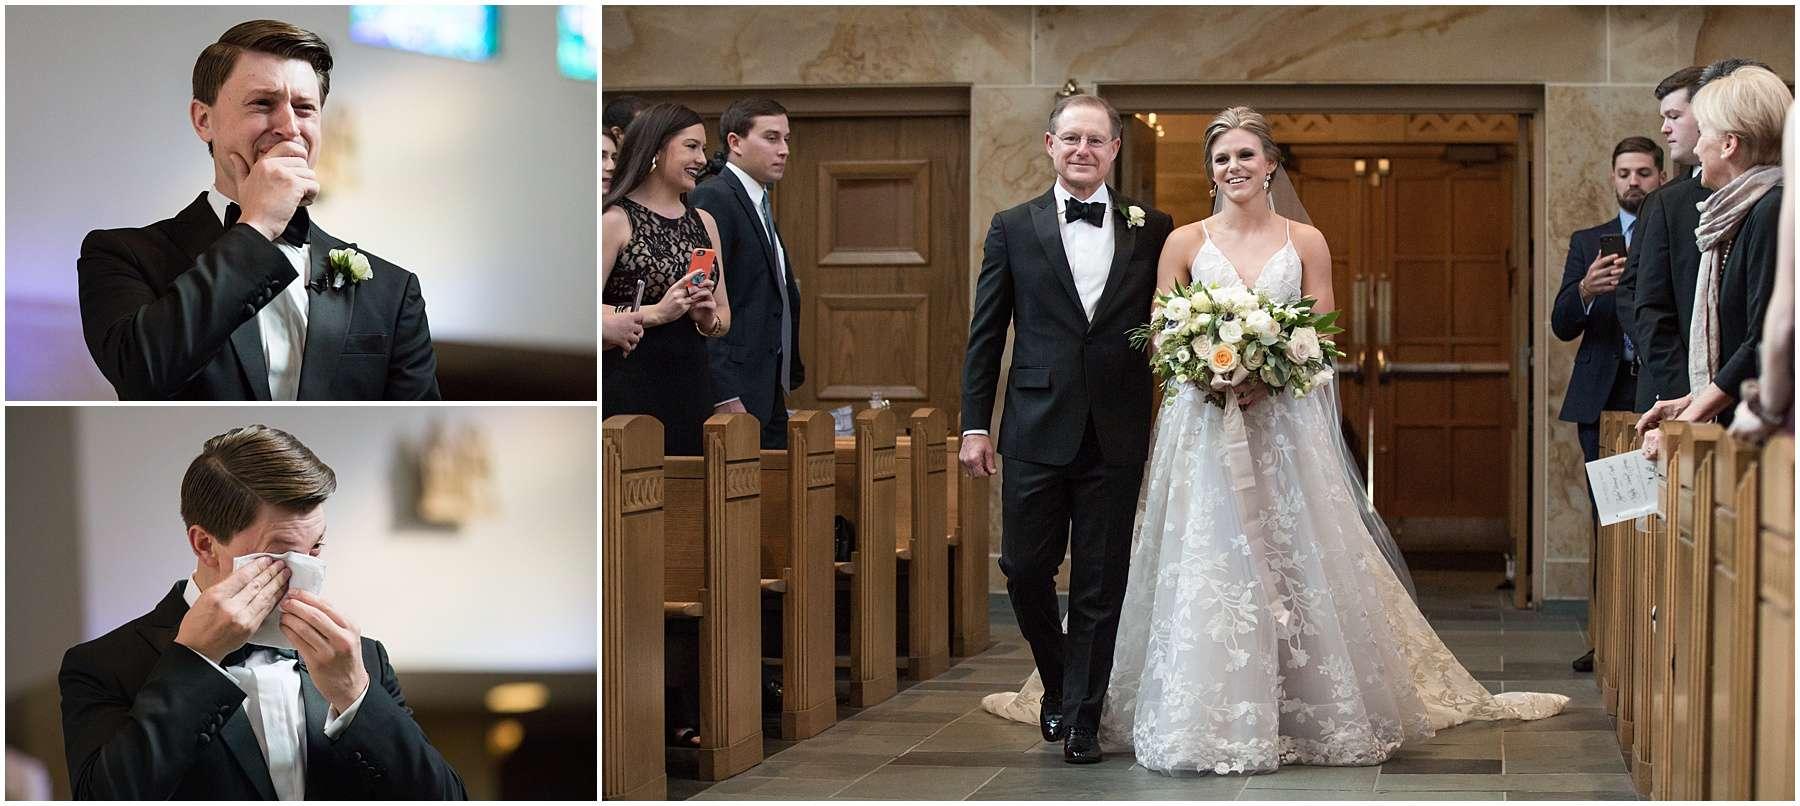 Wedding at the Ohio Statehouse | Columbus Ohio Weddings 80